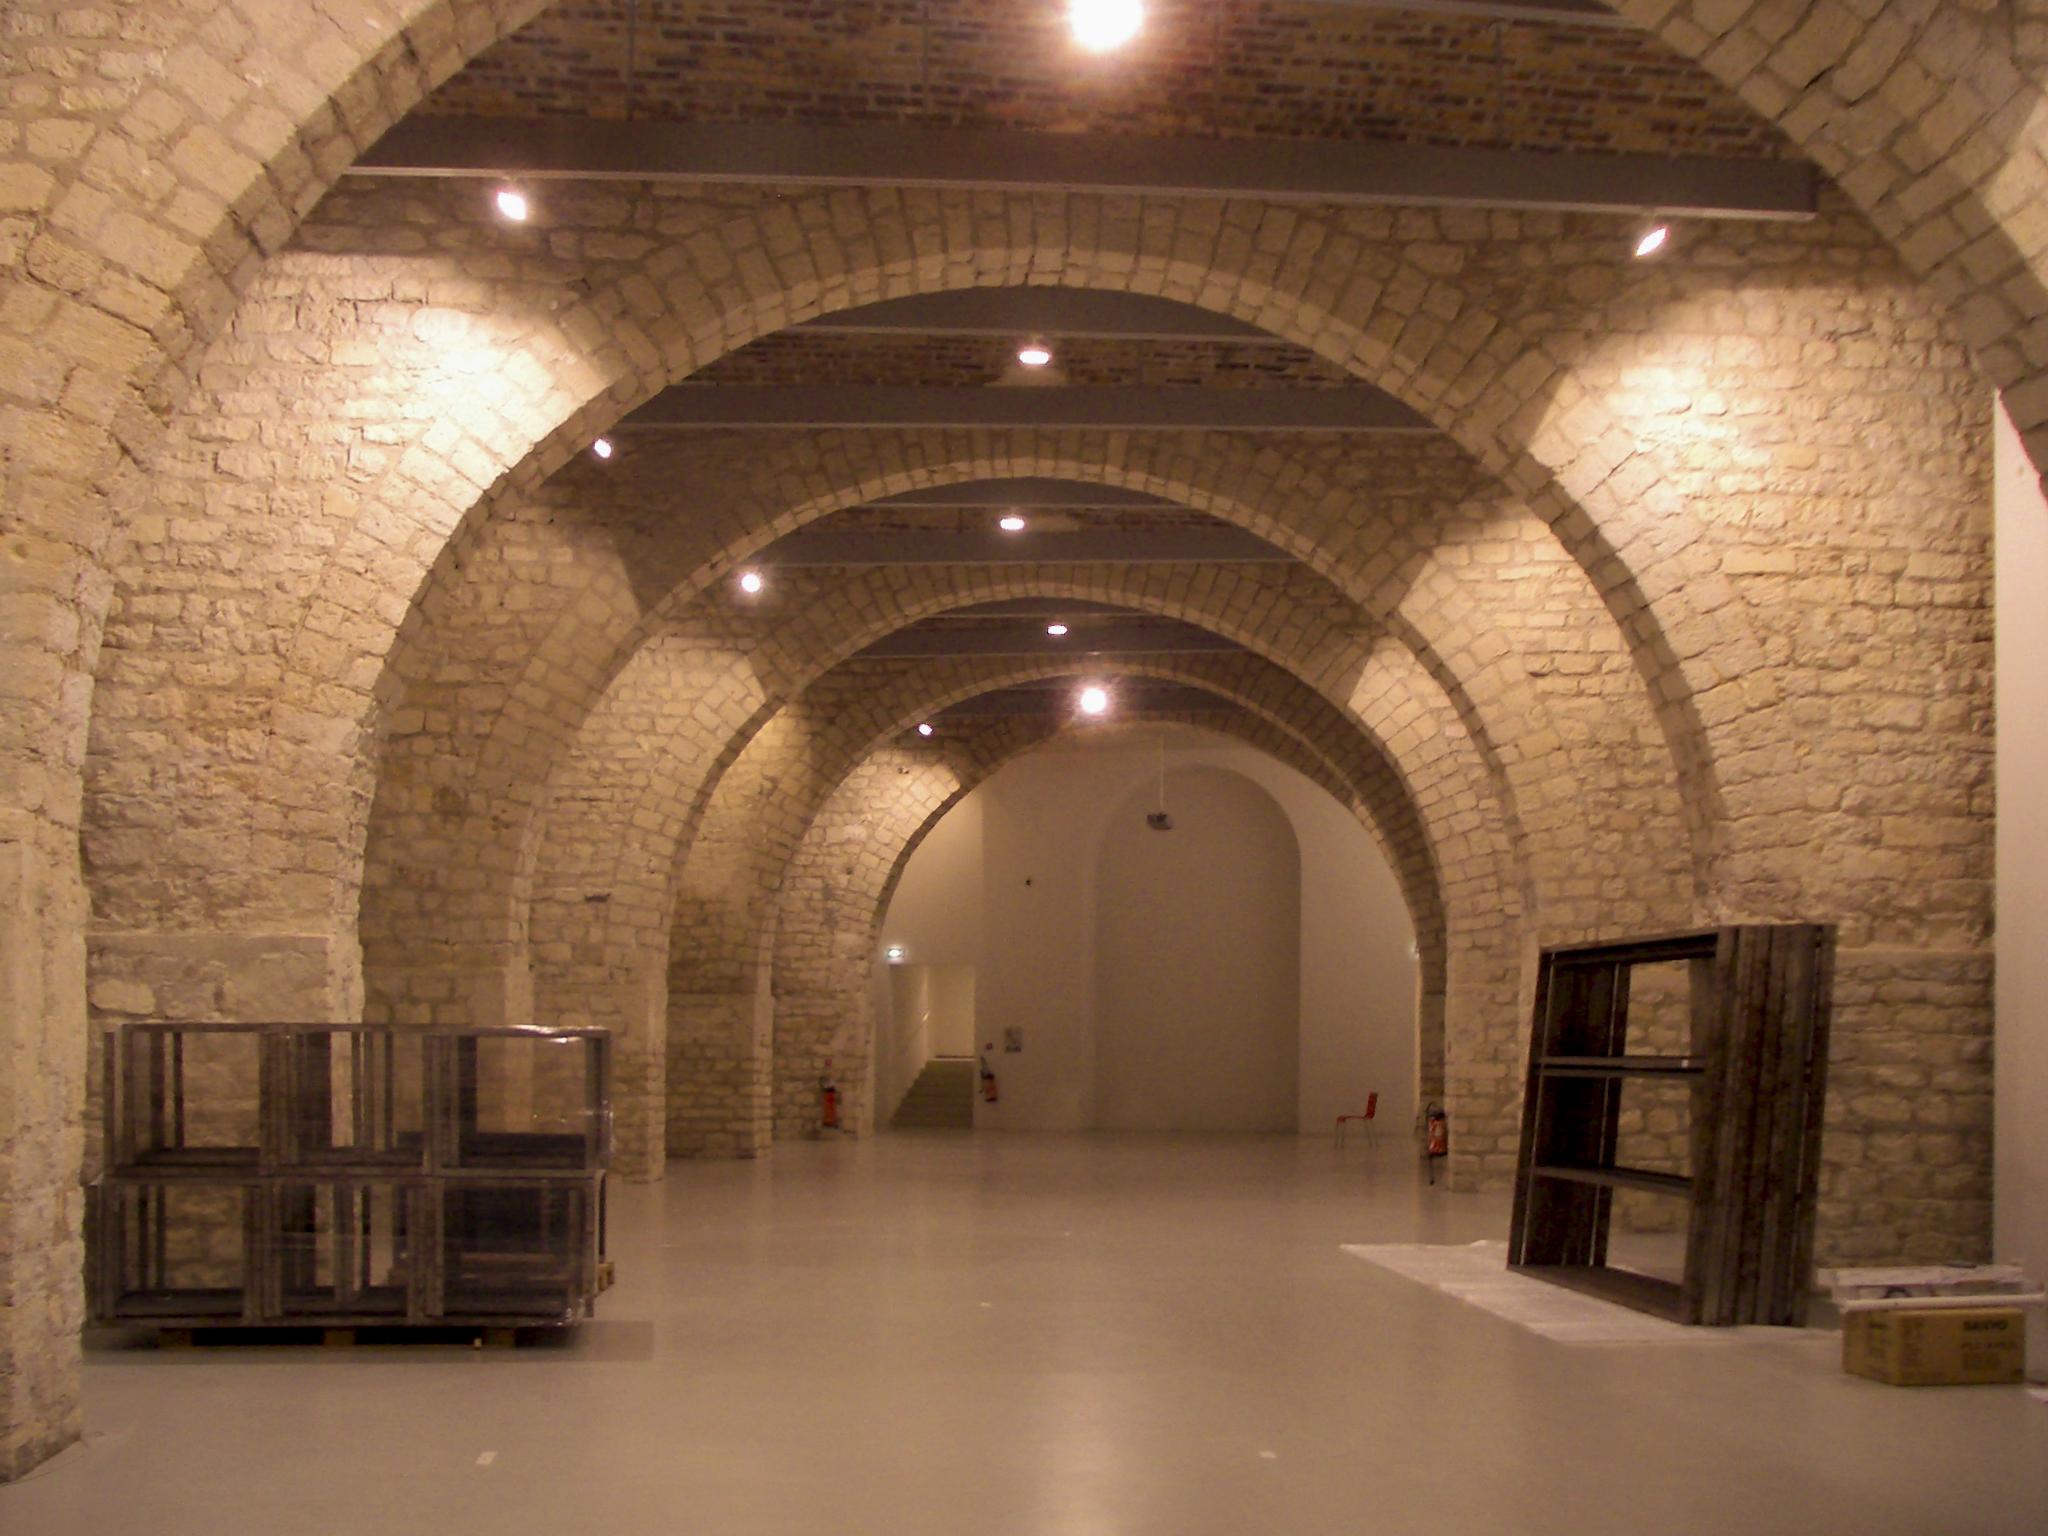 Mies-Award-2009-Cité-de-l-architecture-Paris-IMGP8625red.jpg